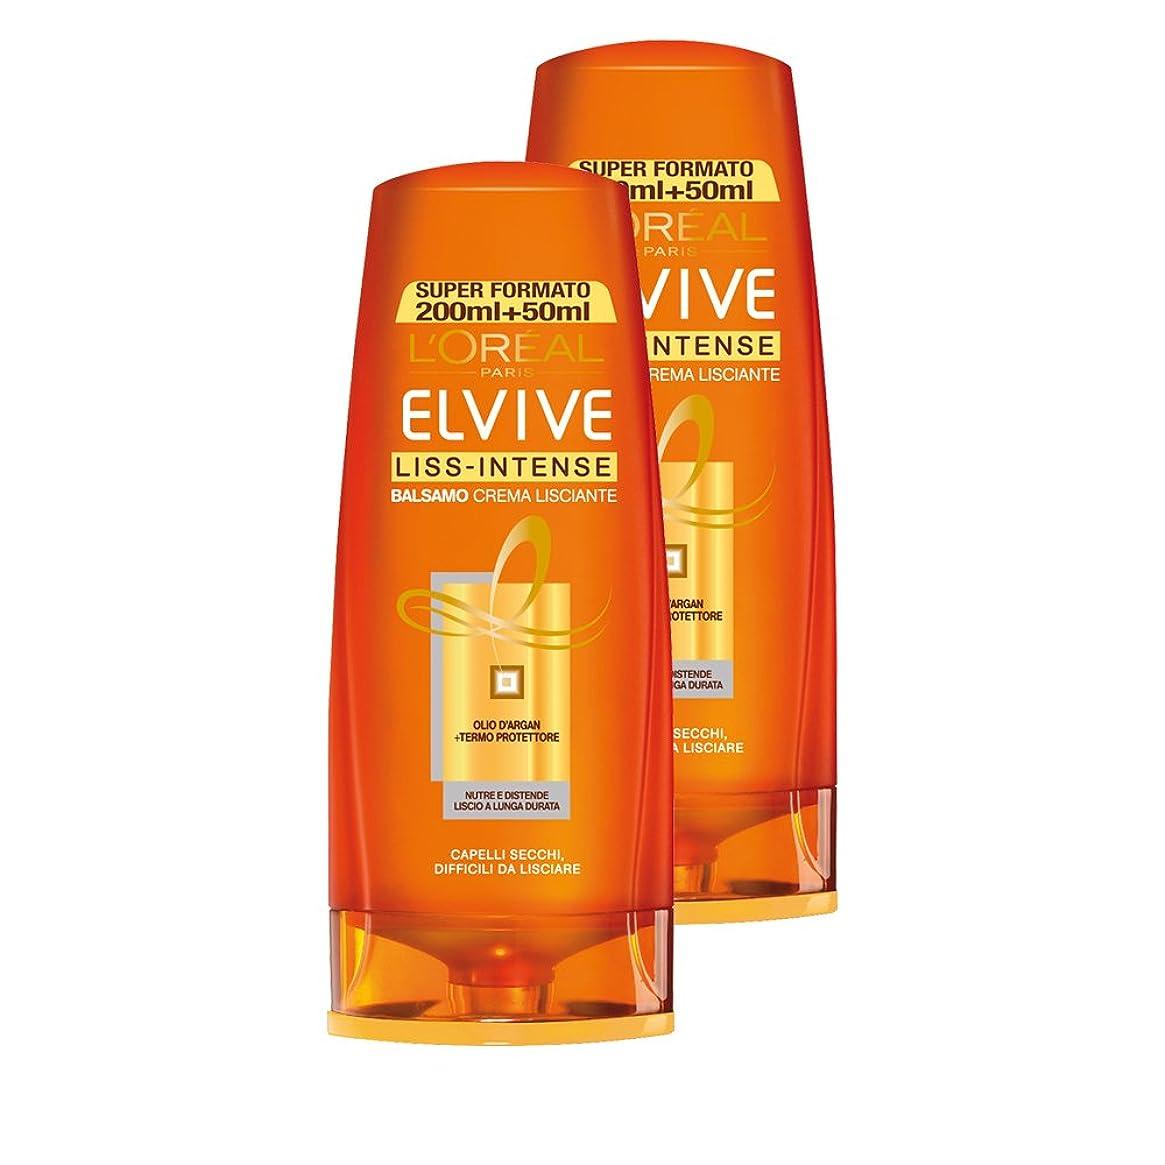 カートジョージエリオット輸血L 'OréalParis Elvive LISS-INTENSEバームクリームヘアサロン乾燥、なめらかにするのが難しい、3パック2 x 250 ml、合計:1500 ml